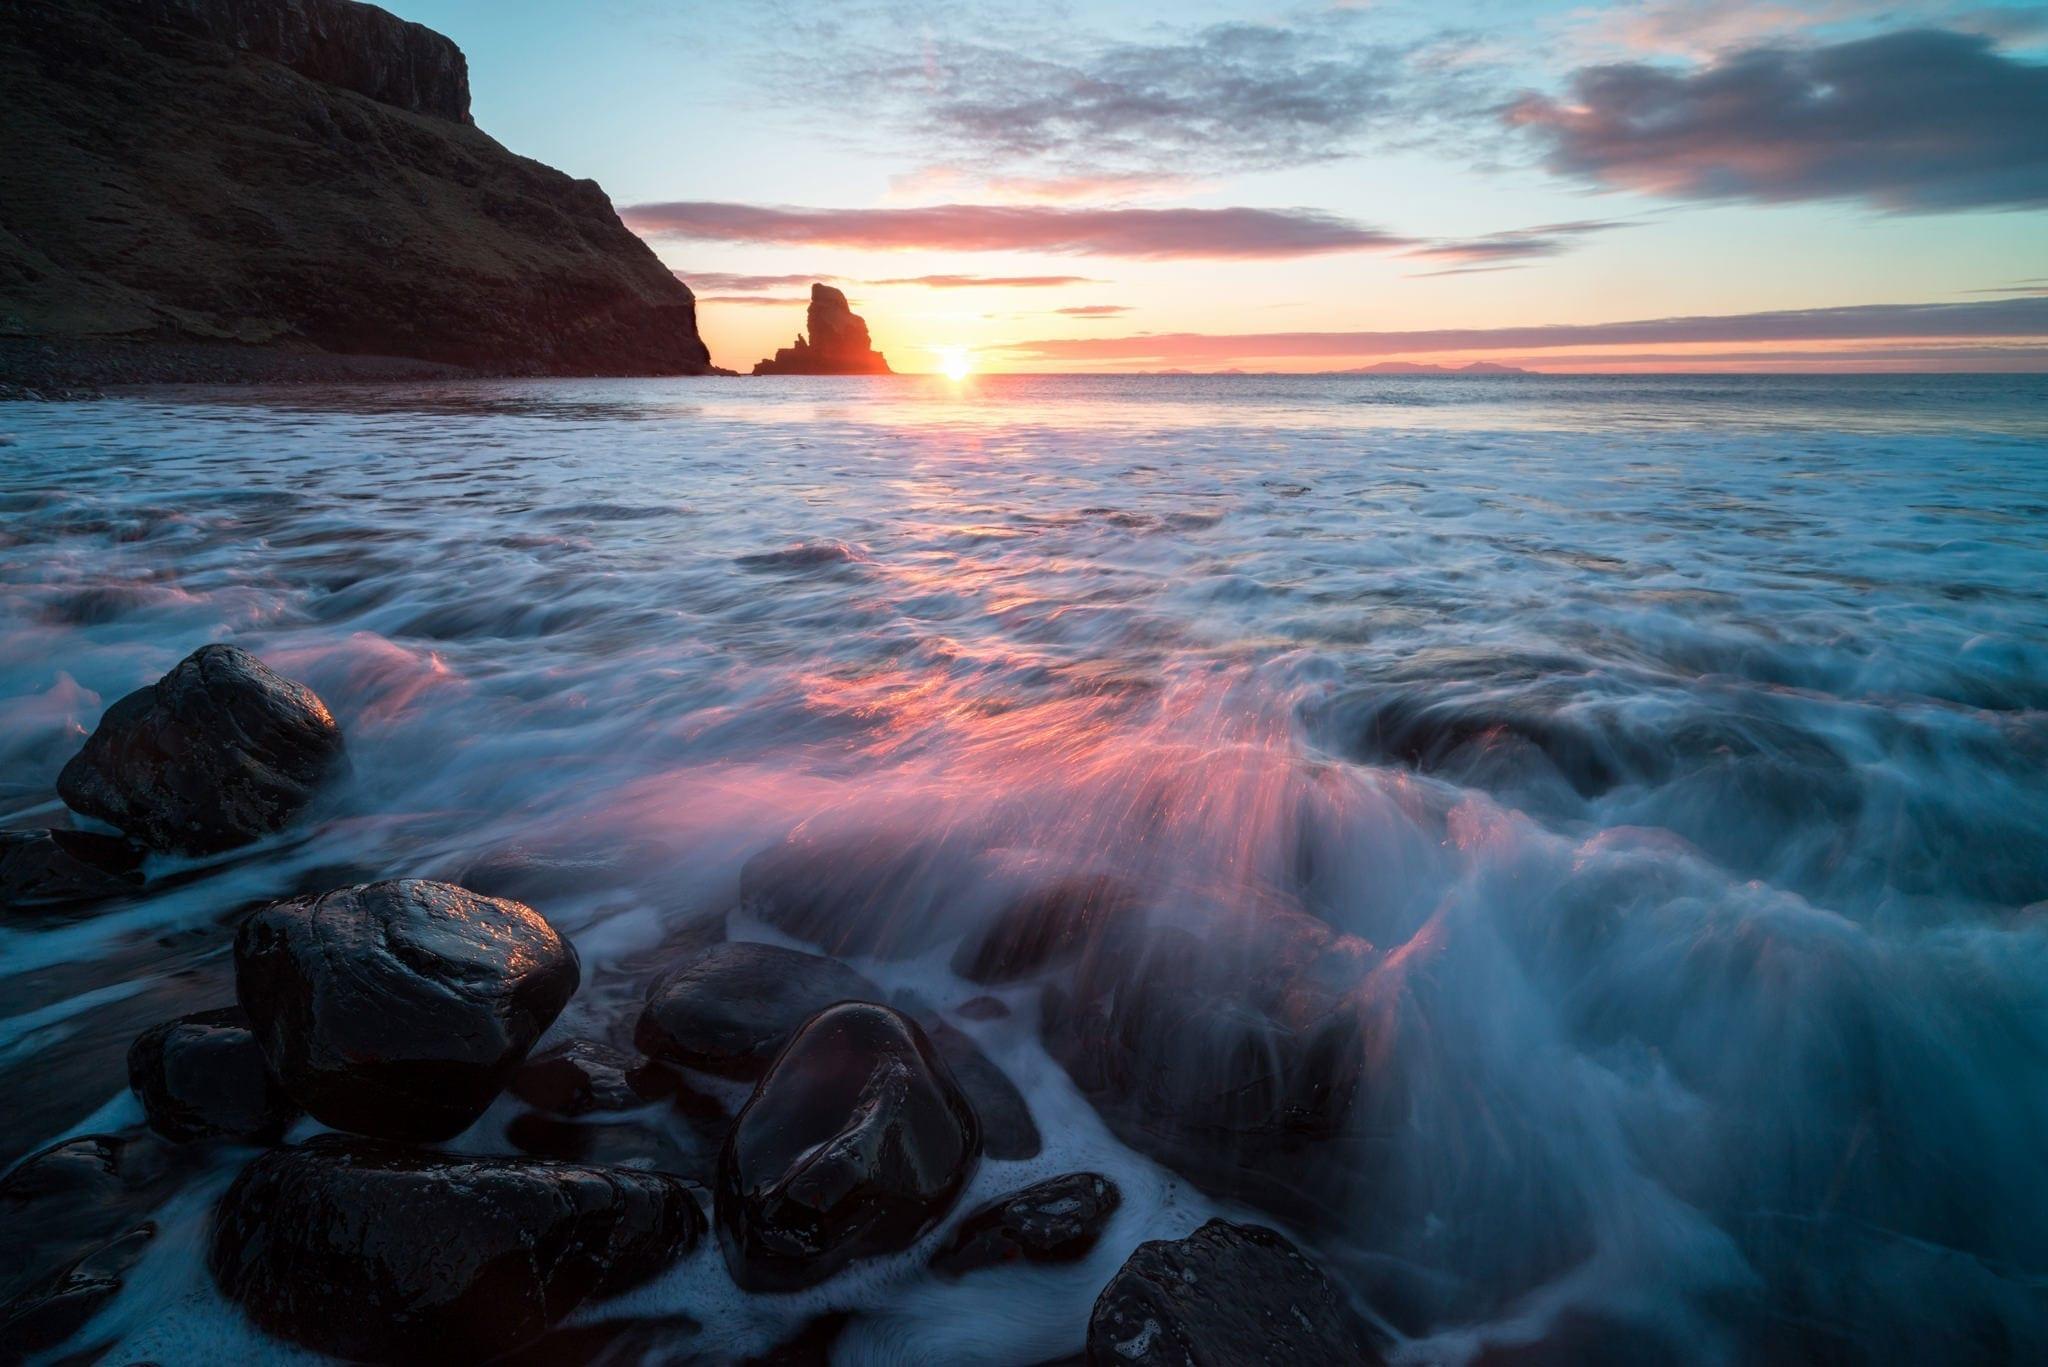 Talisker Bay Sunset - Scotland Photography Workshops